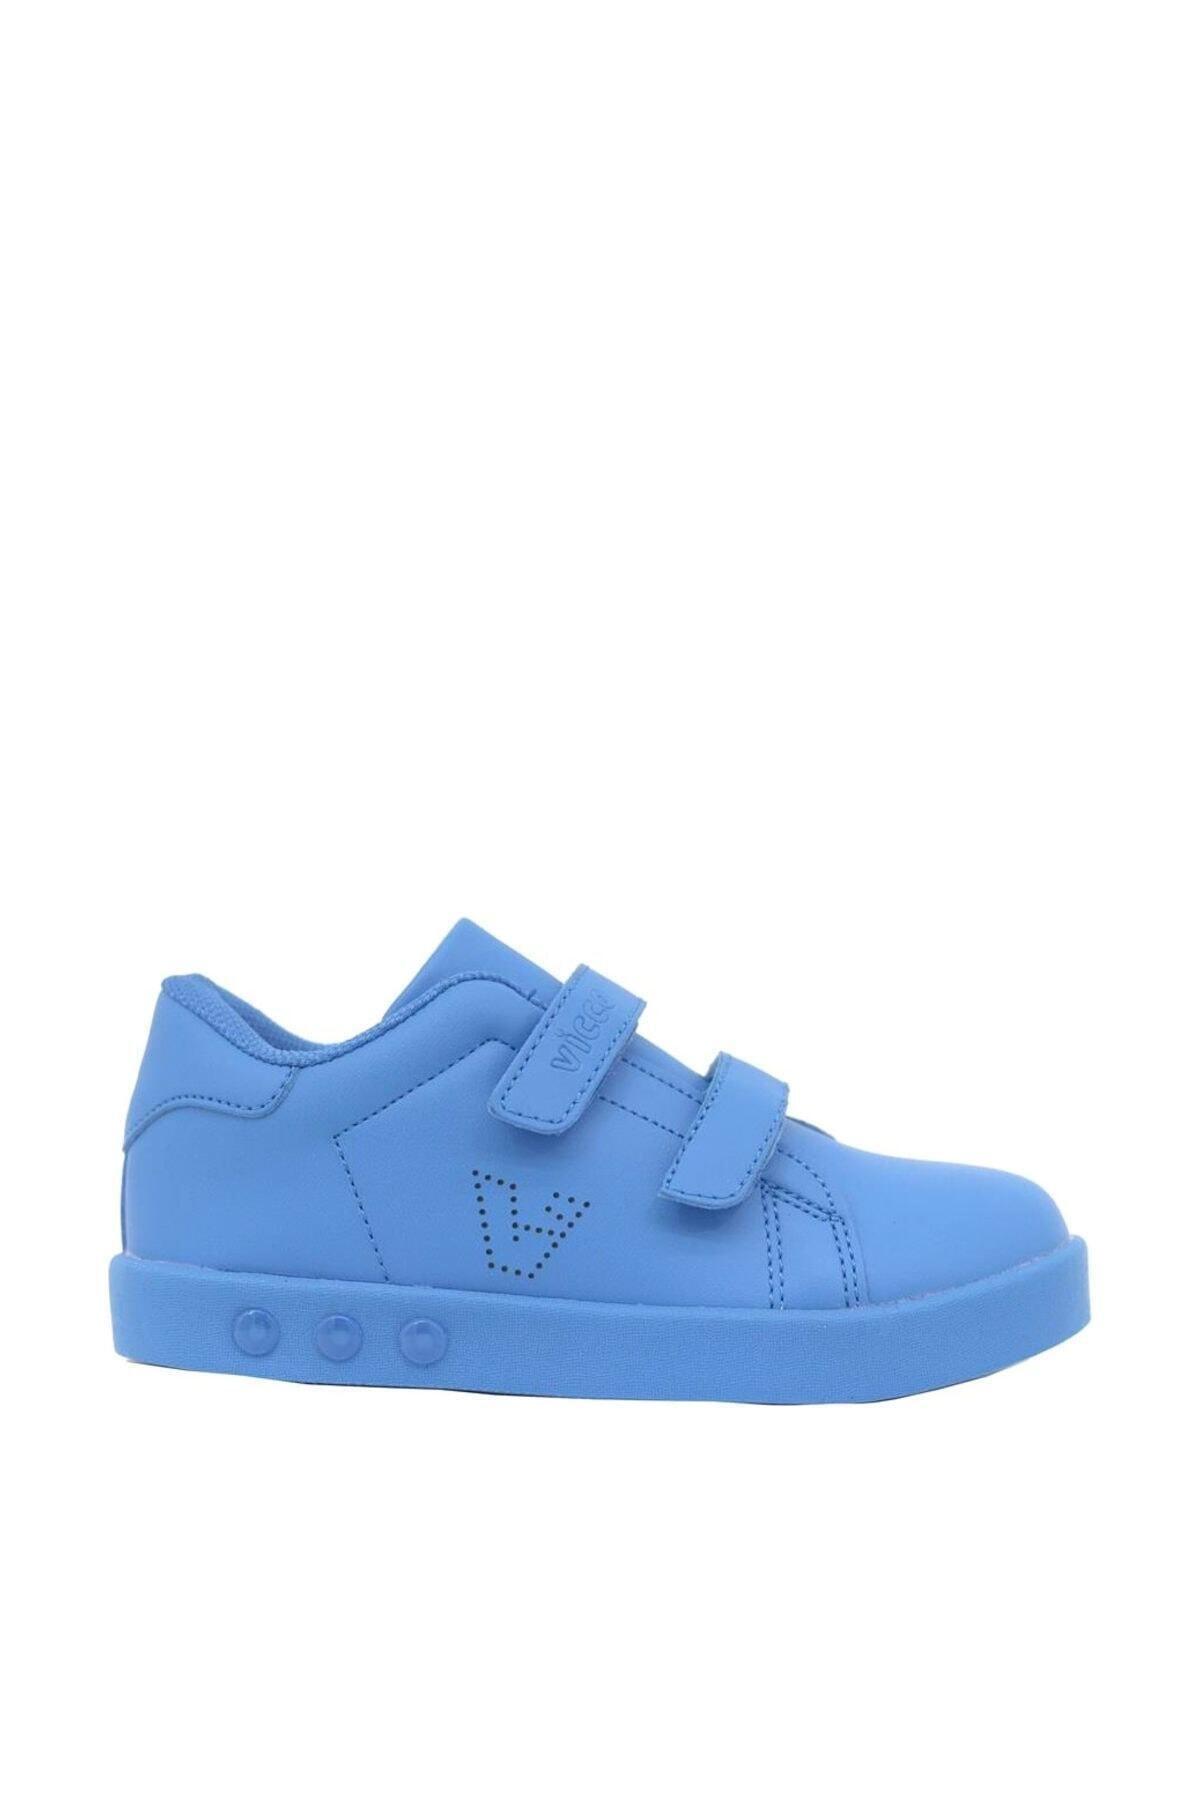 Vicco 313.P19K.100-05 Lacivert Erkek Çocuk Yürüyüş Ayakkabısı 100578852 1